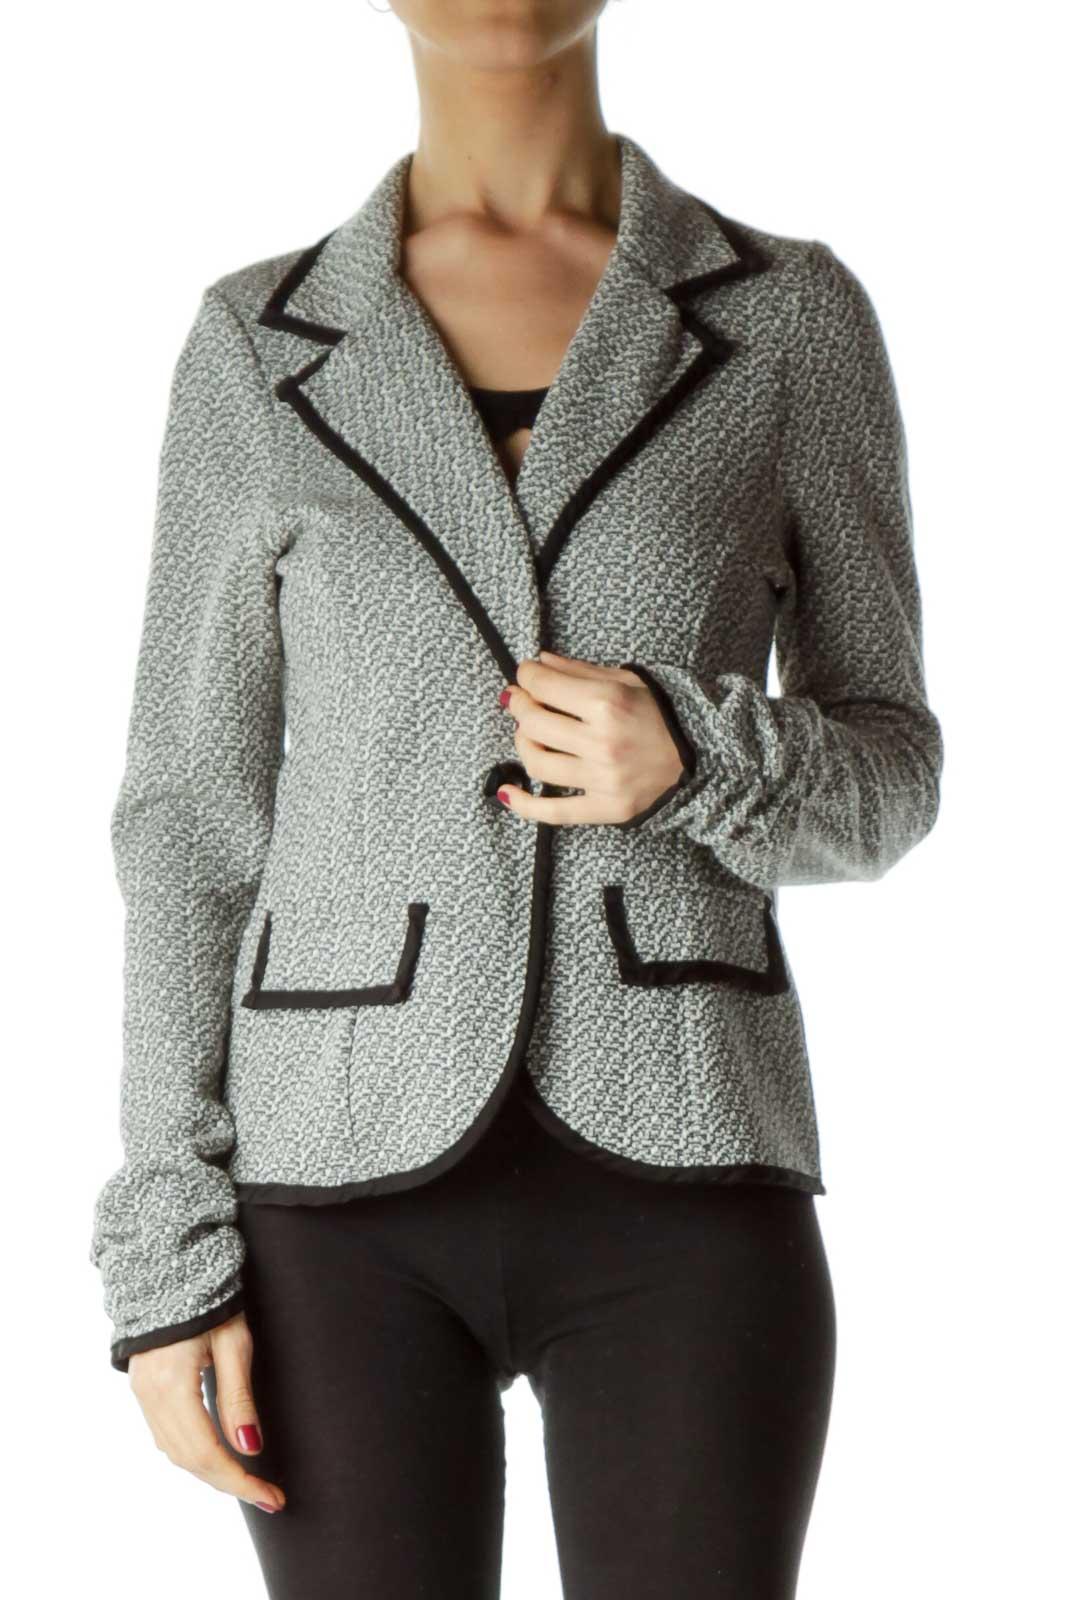 Black White Mottled Knit Jacket Front